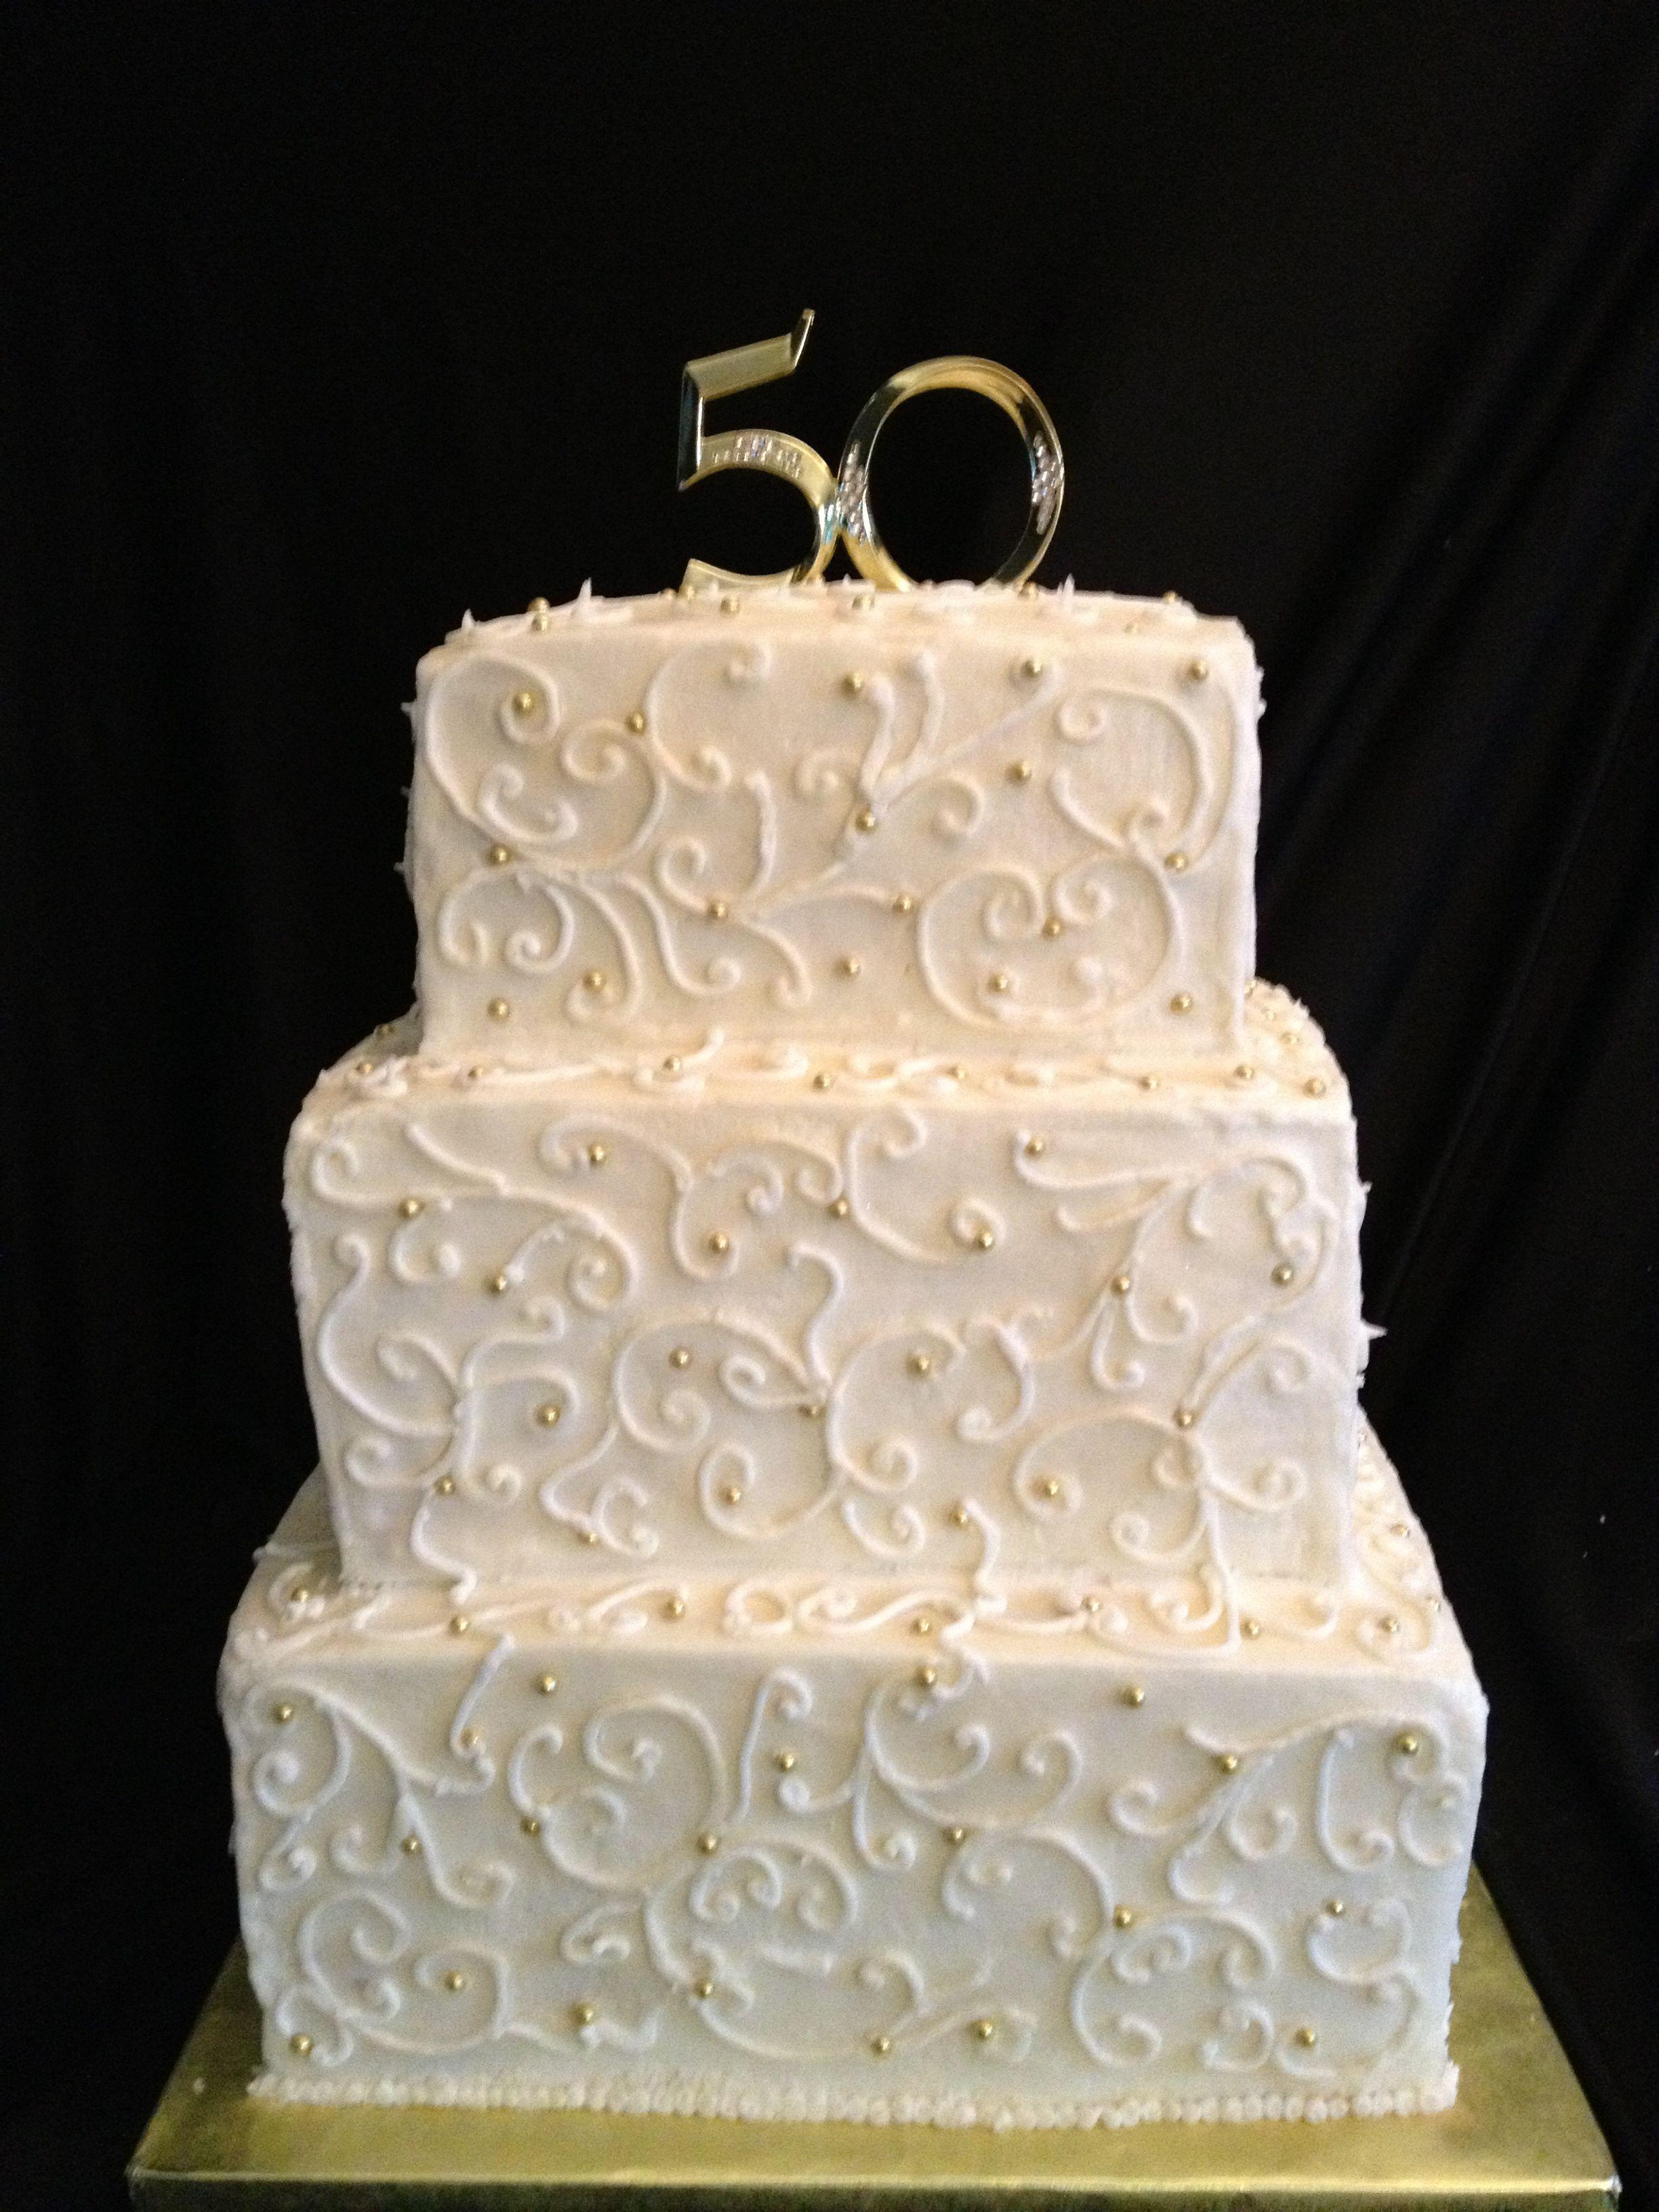 50th anniversary cake 50th anniversary cakes